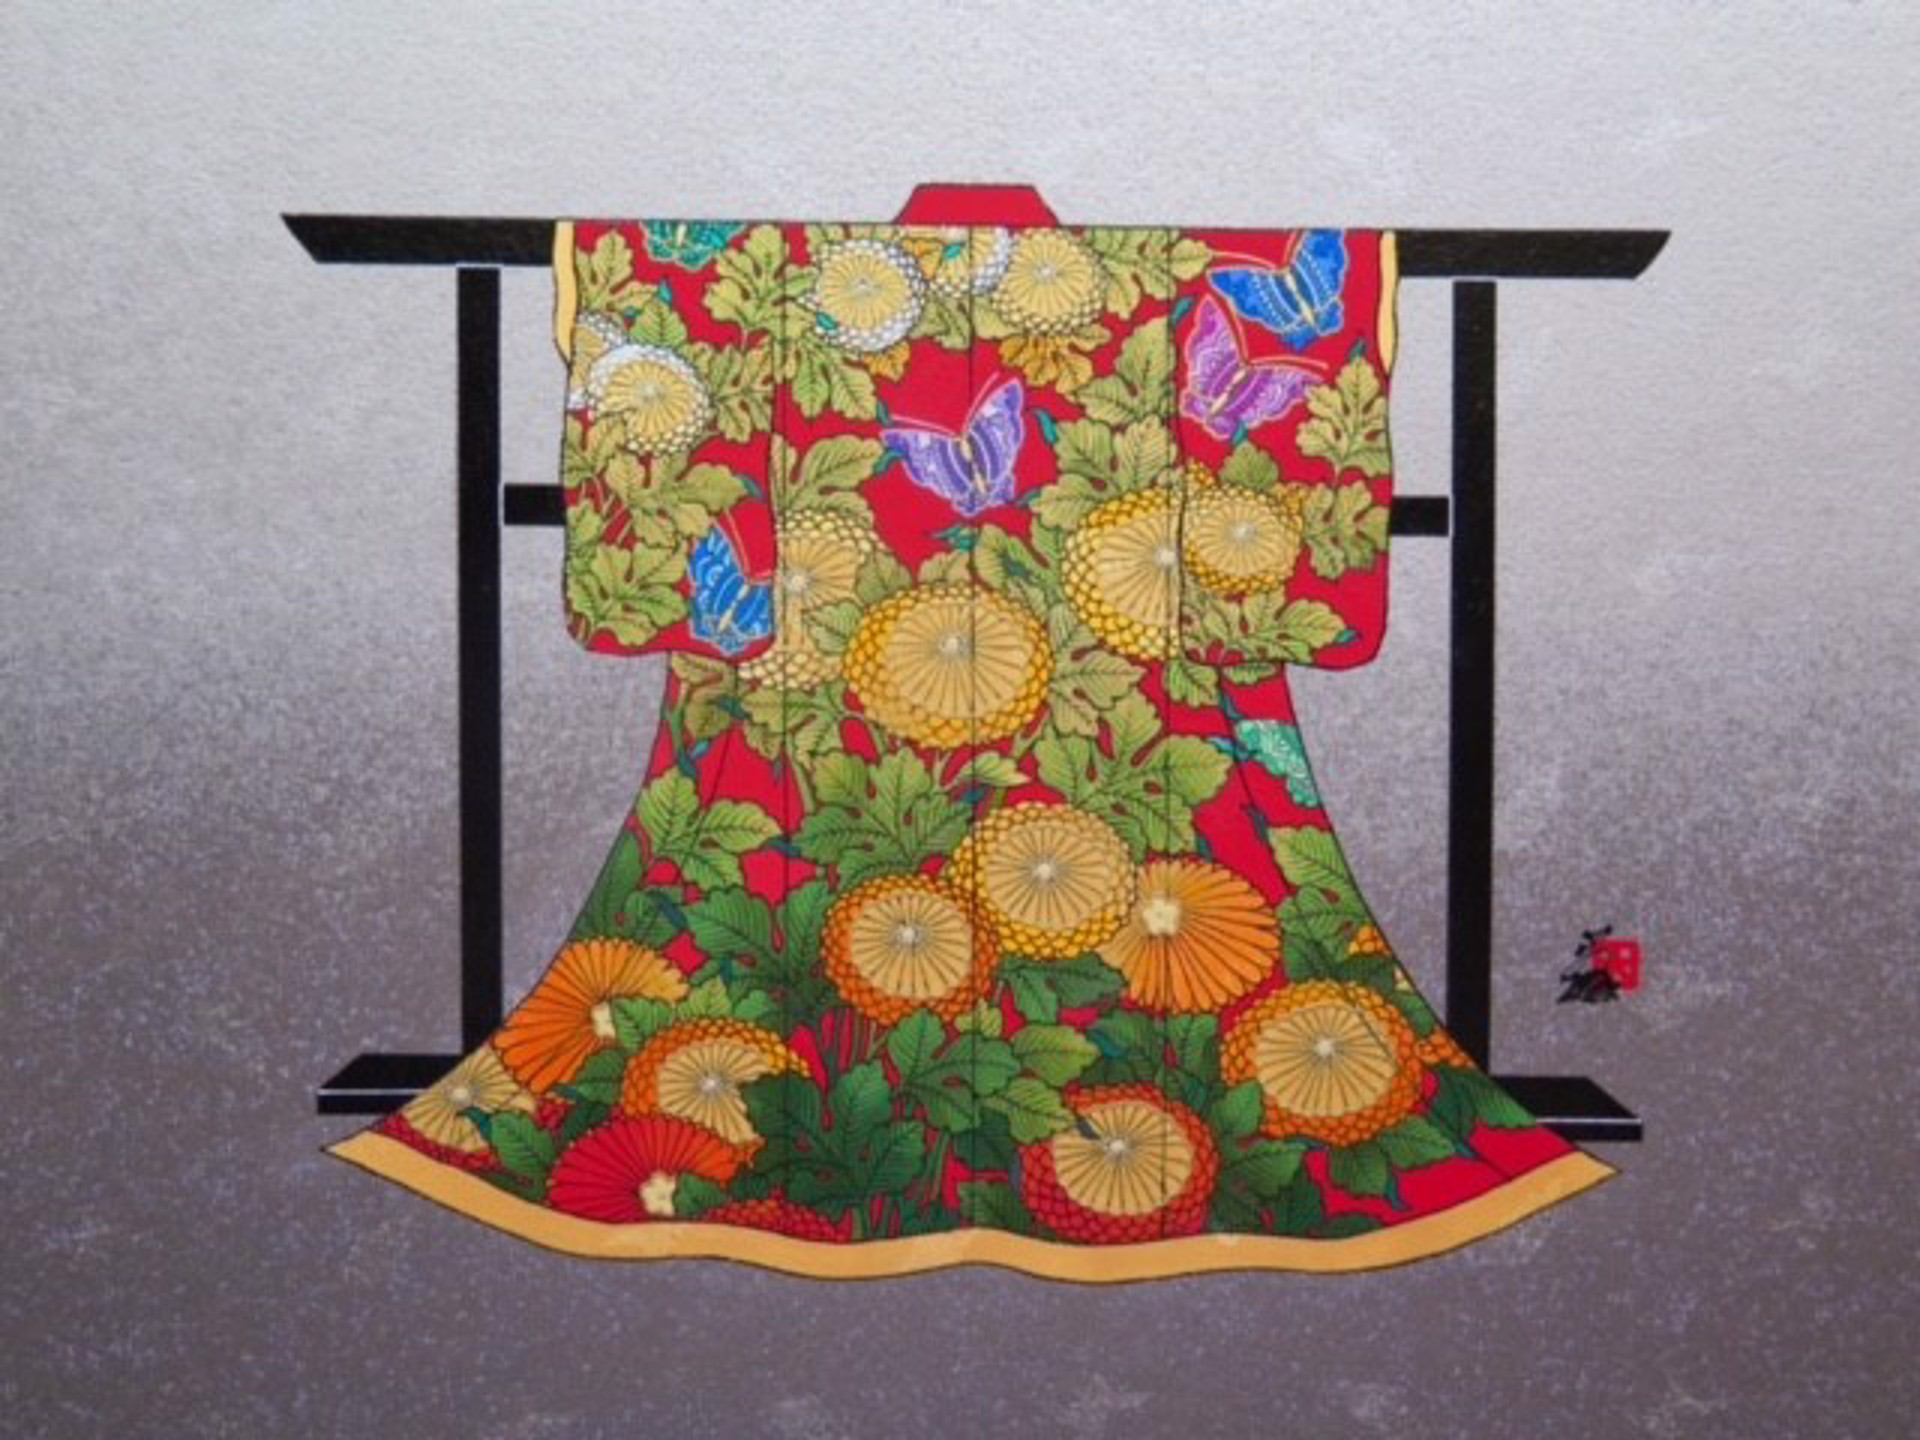 Passion #16 (Mini Kimono) by Hisashi Otsuka